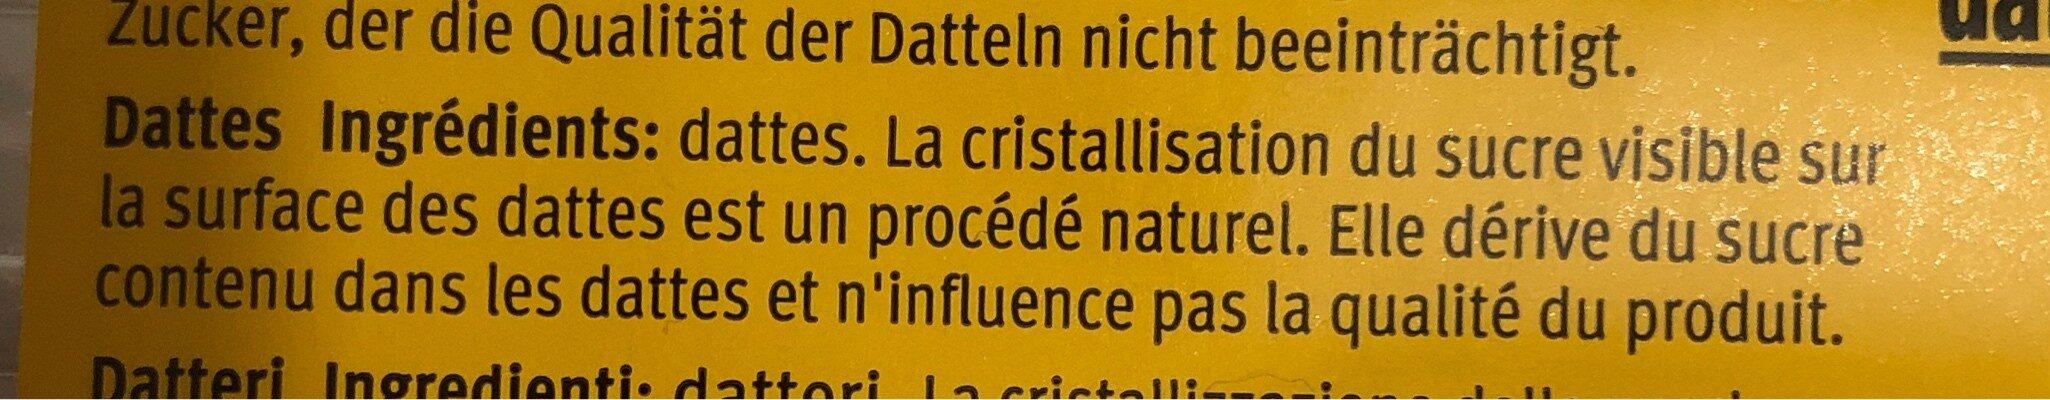 Dates - Ingredienti - fr